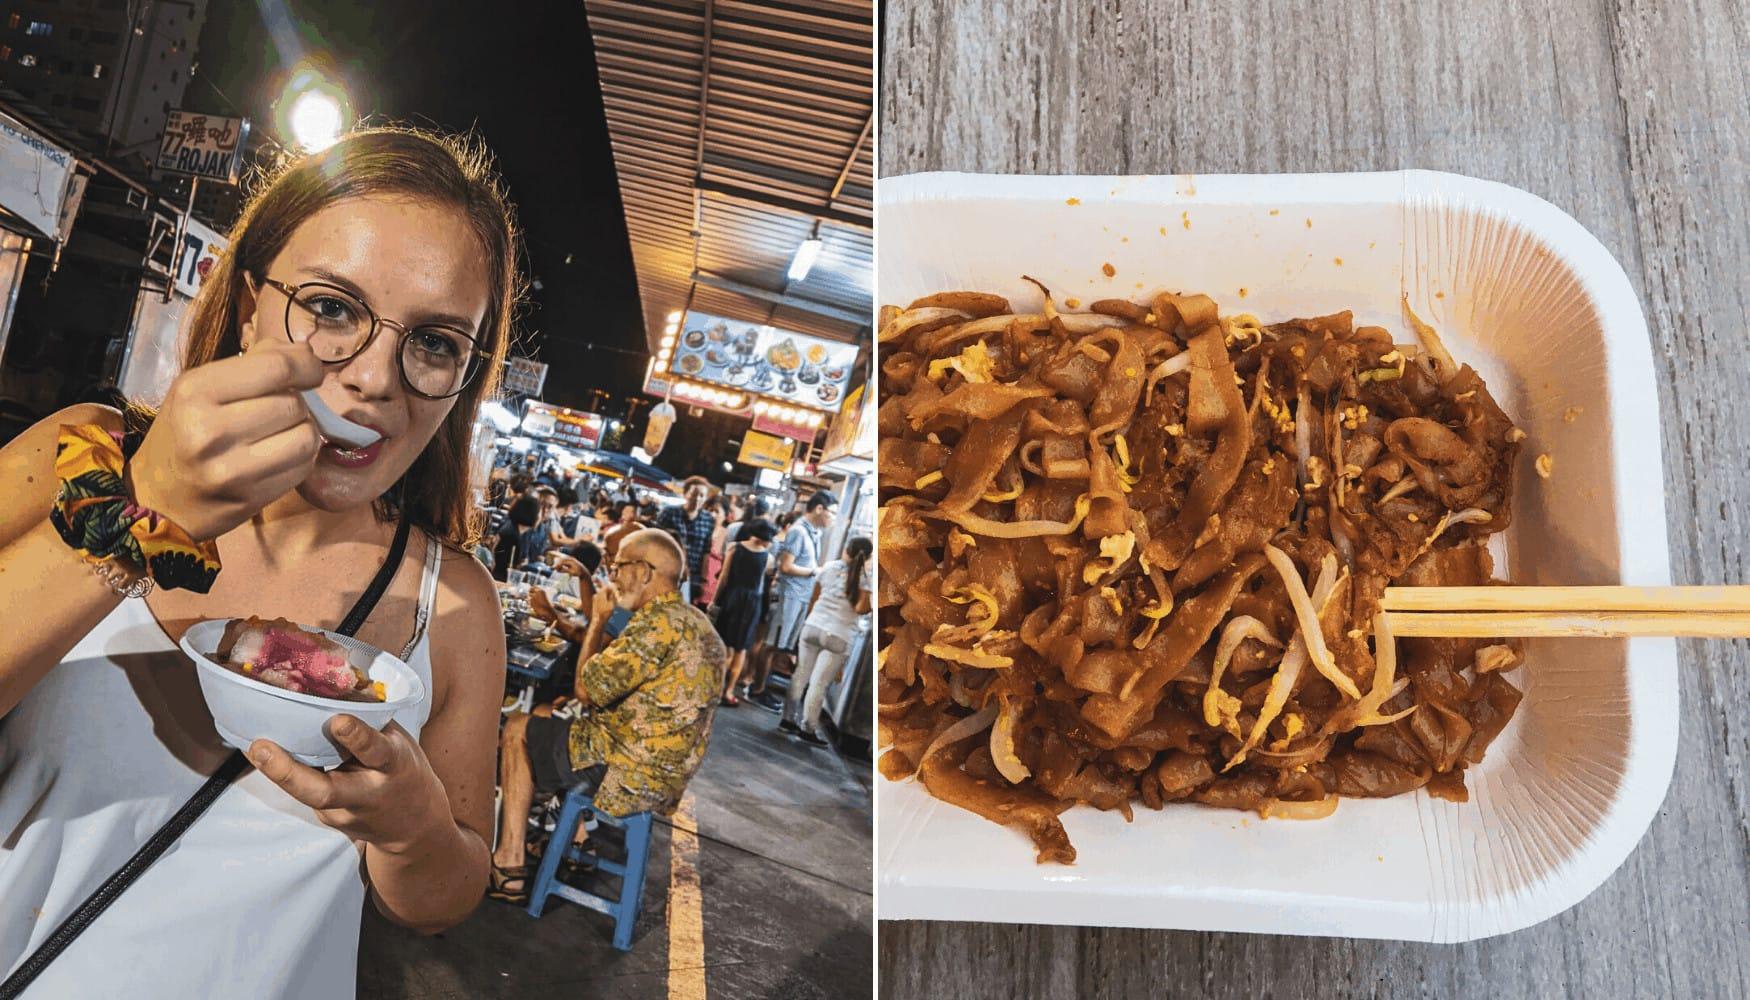 Redakteurin Linda probiert sich durch die malaysische Street-Küche